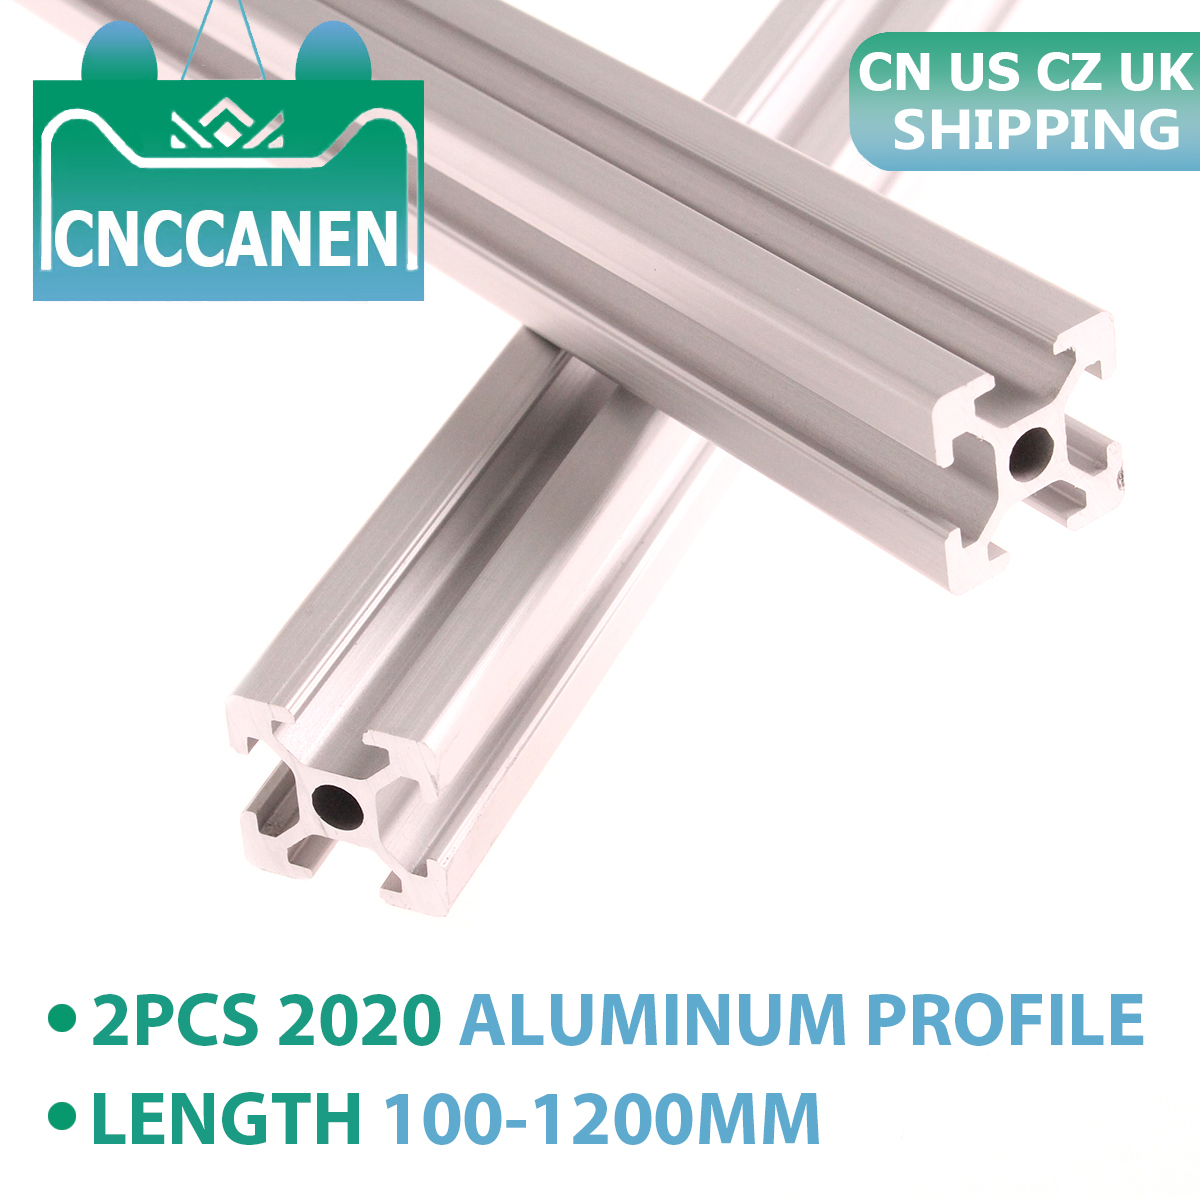 2PCS 2020 Aluminum Profile Extrusion 2020 European Standard Linear Rail 100mm To 1200mm Length For CNC 3D Printer Parts CZ UK US